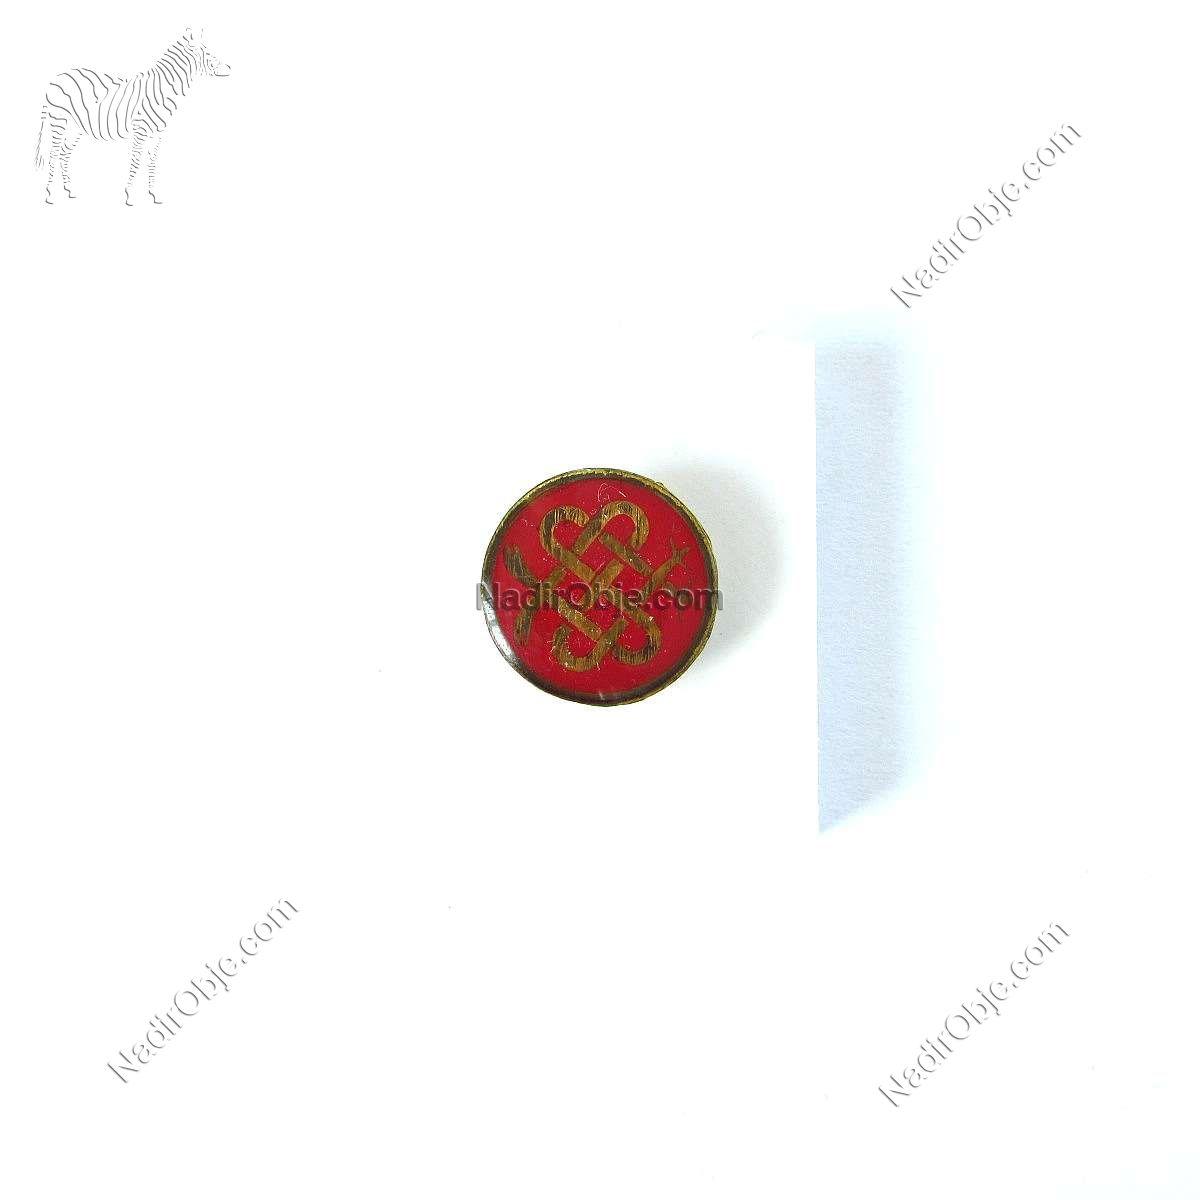 Sağlık Rozeti Metal Objeler Lapel Badge